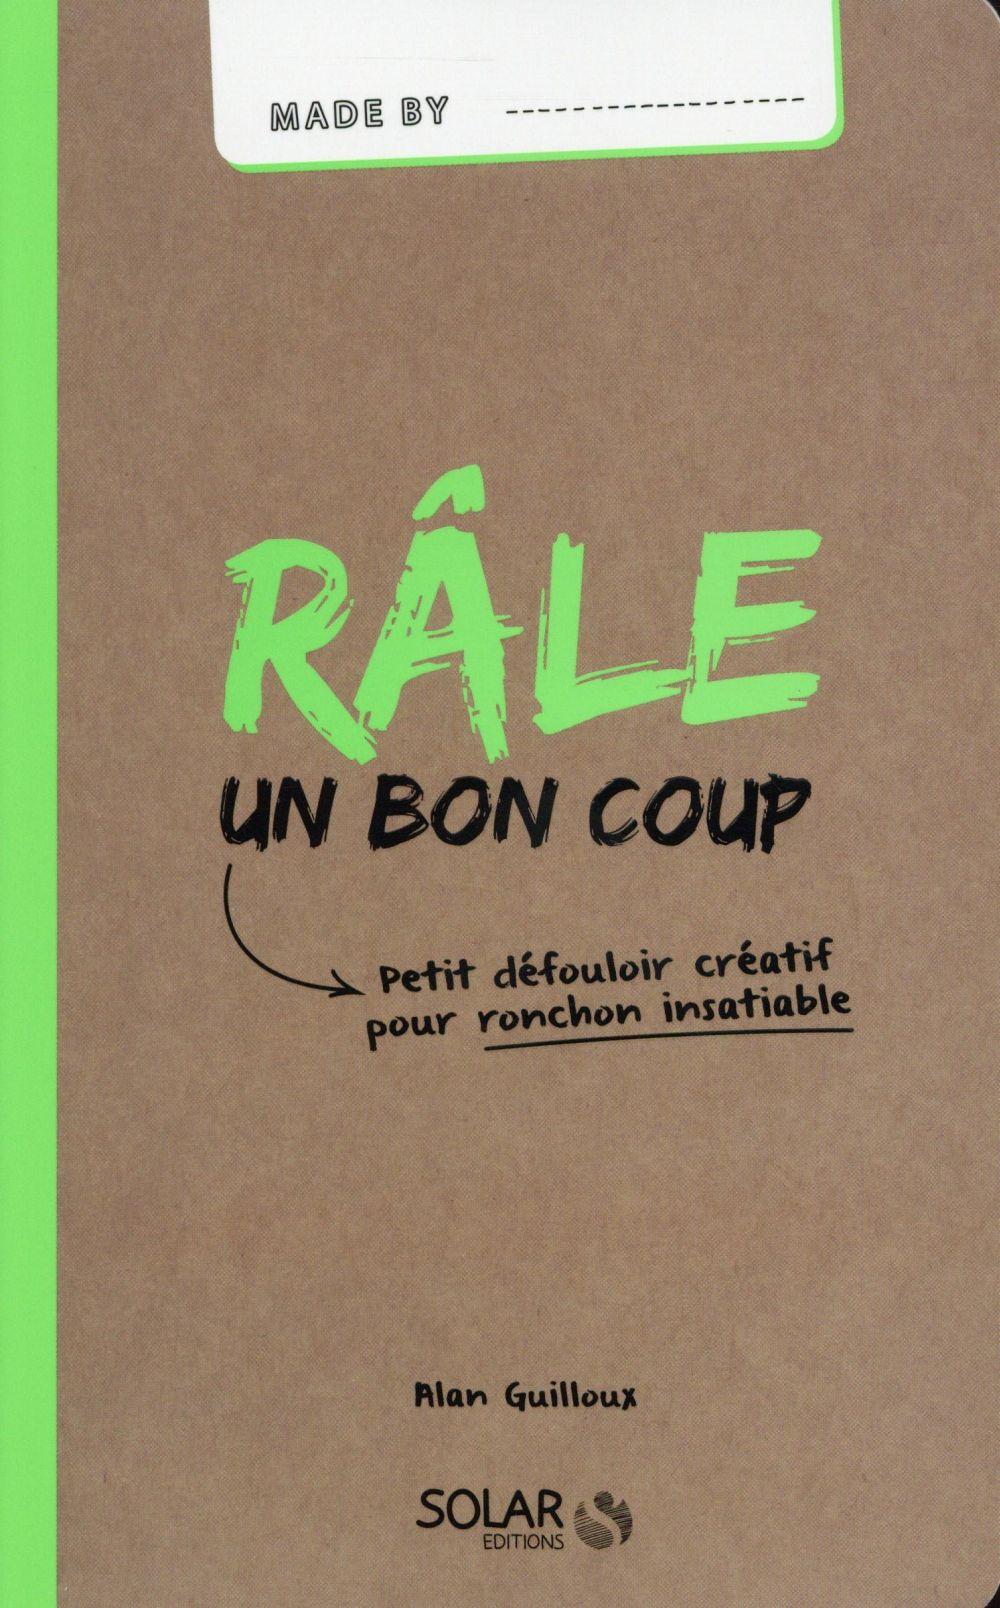 RALE UN BON COUP